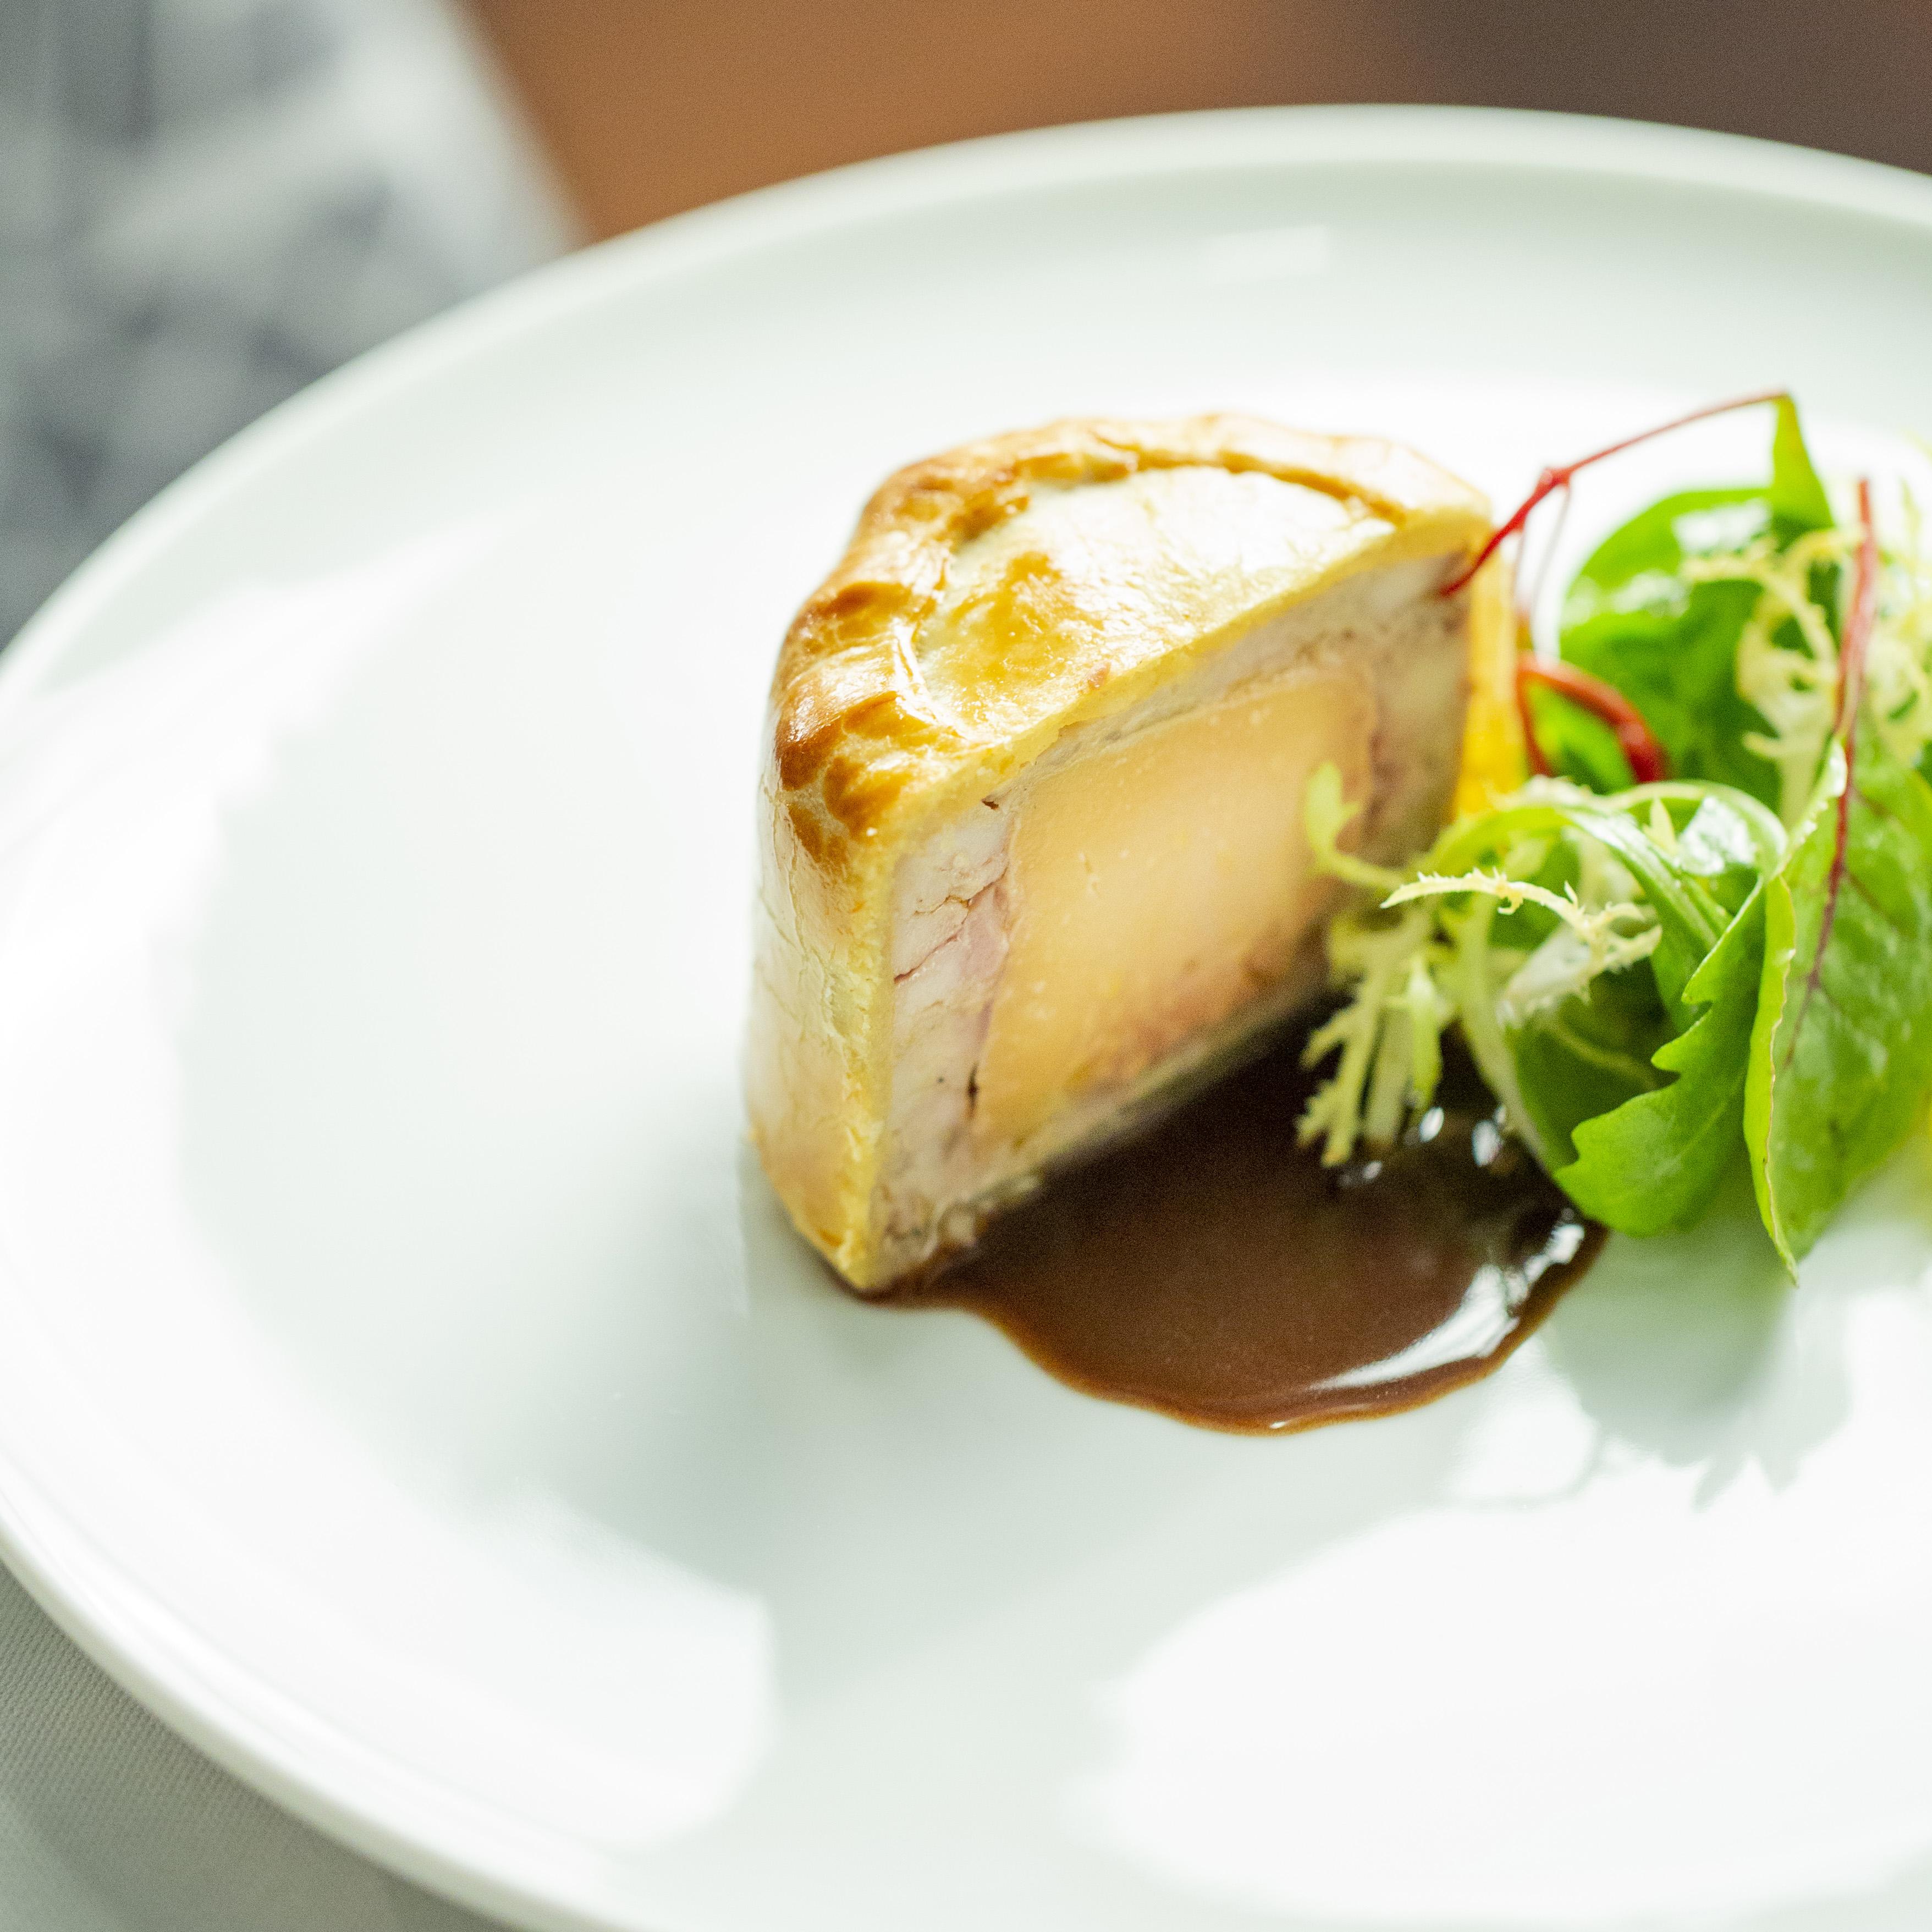 Petit pâté chaud de pintade et foie gras©pmonetta 8423 low res